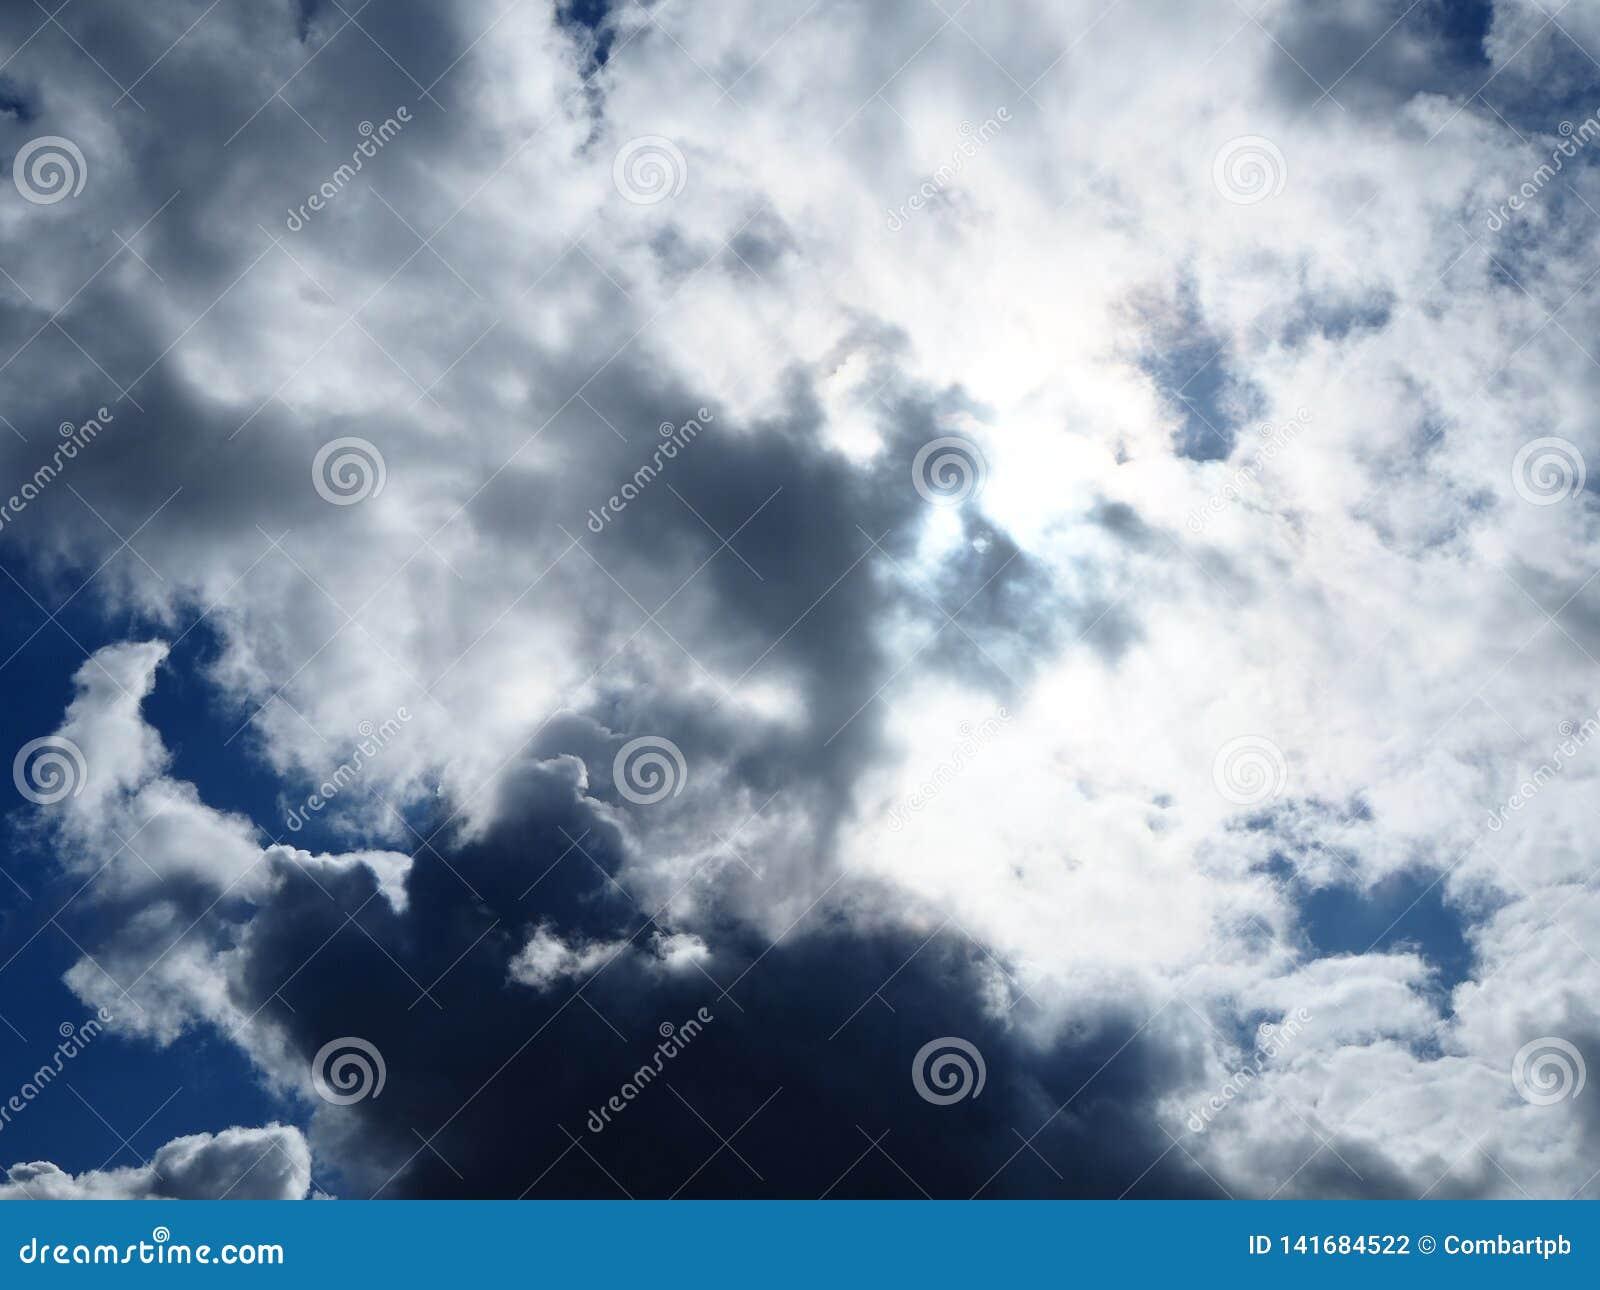 Nublado y soleado en un cielo a la vez